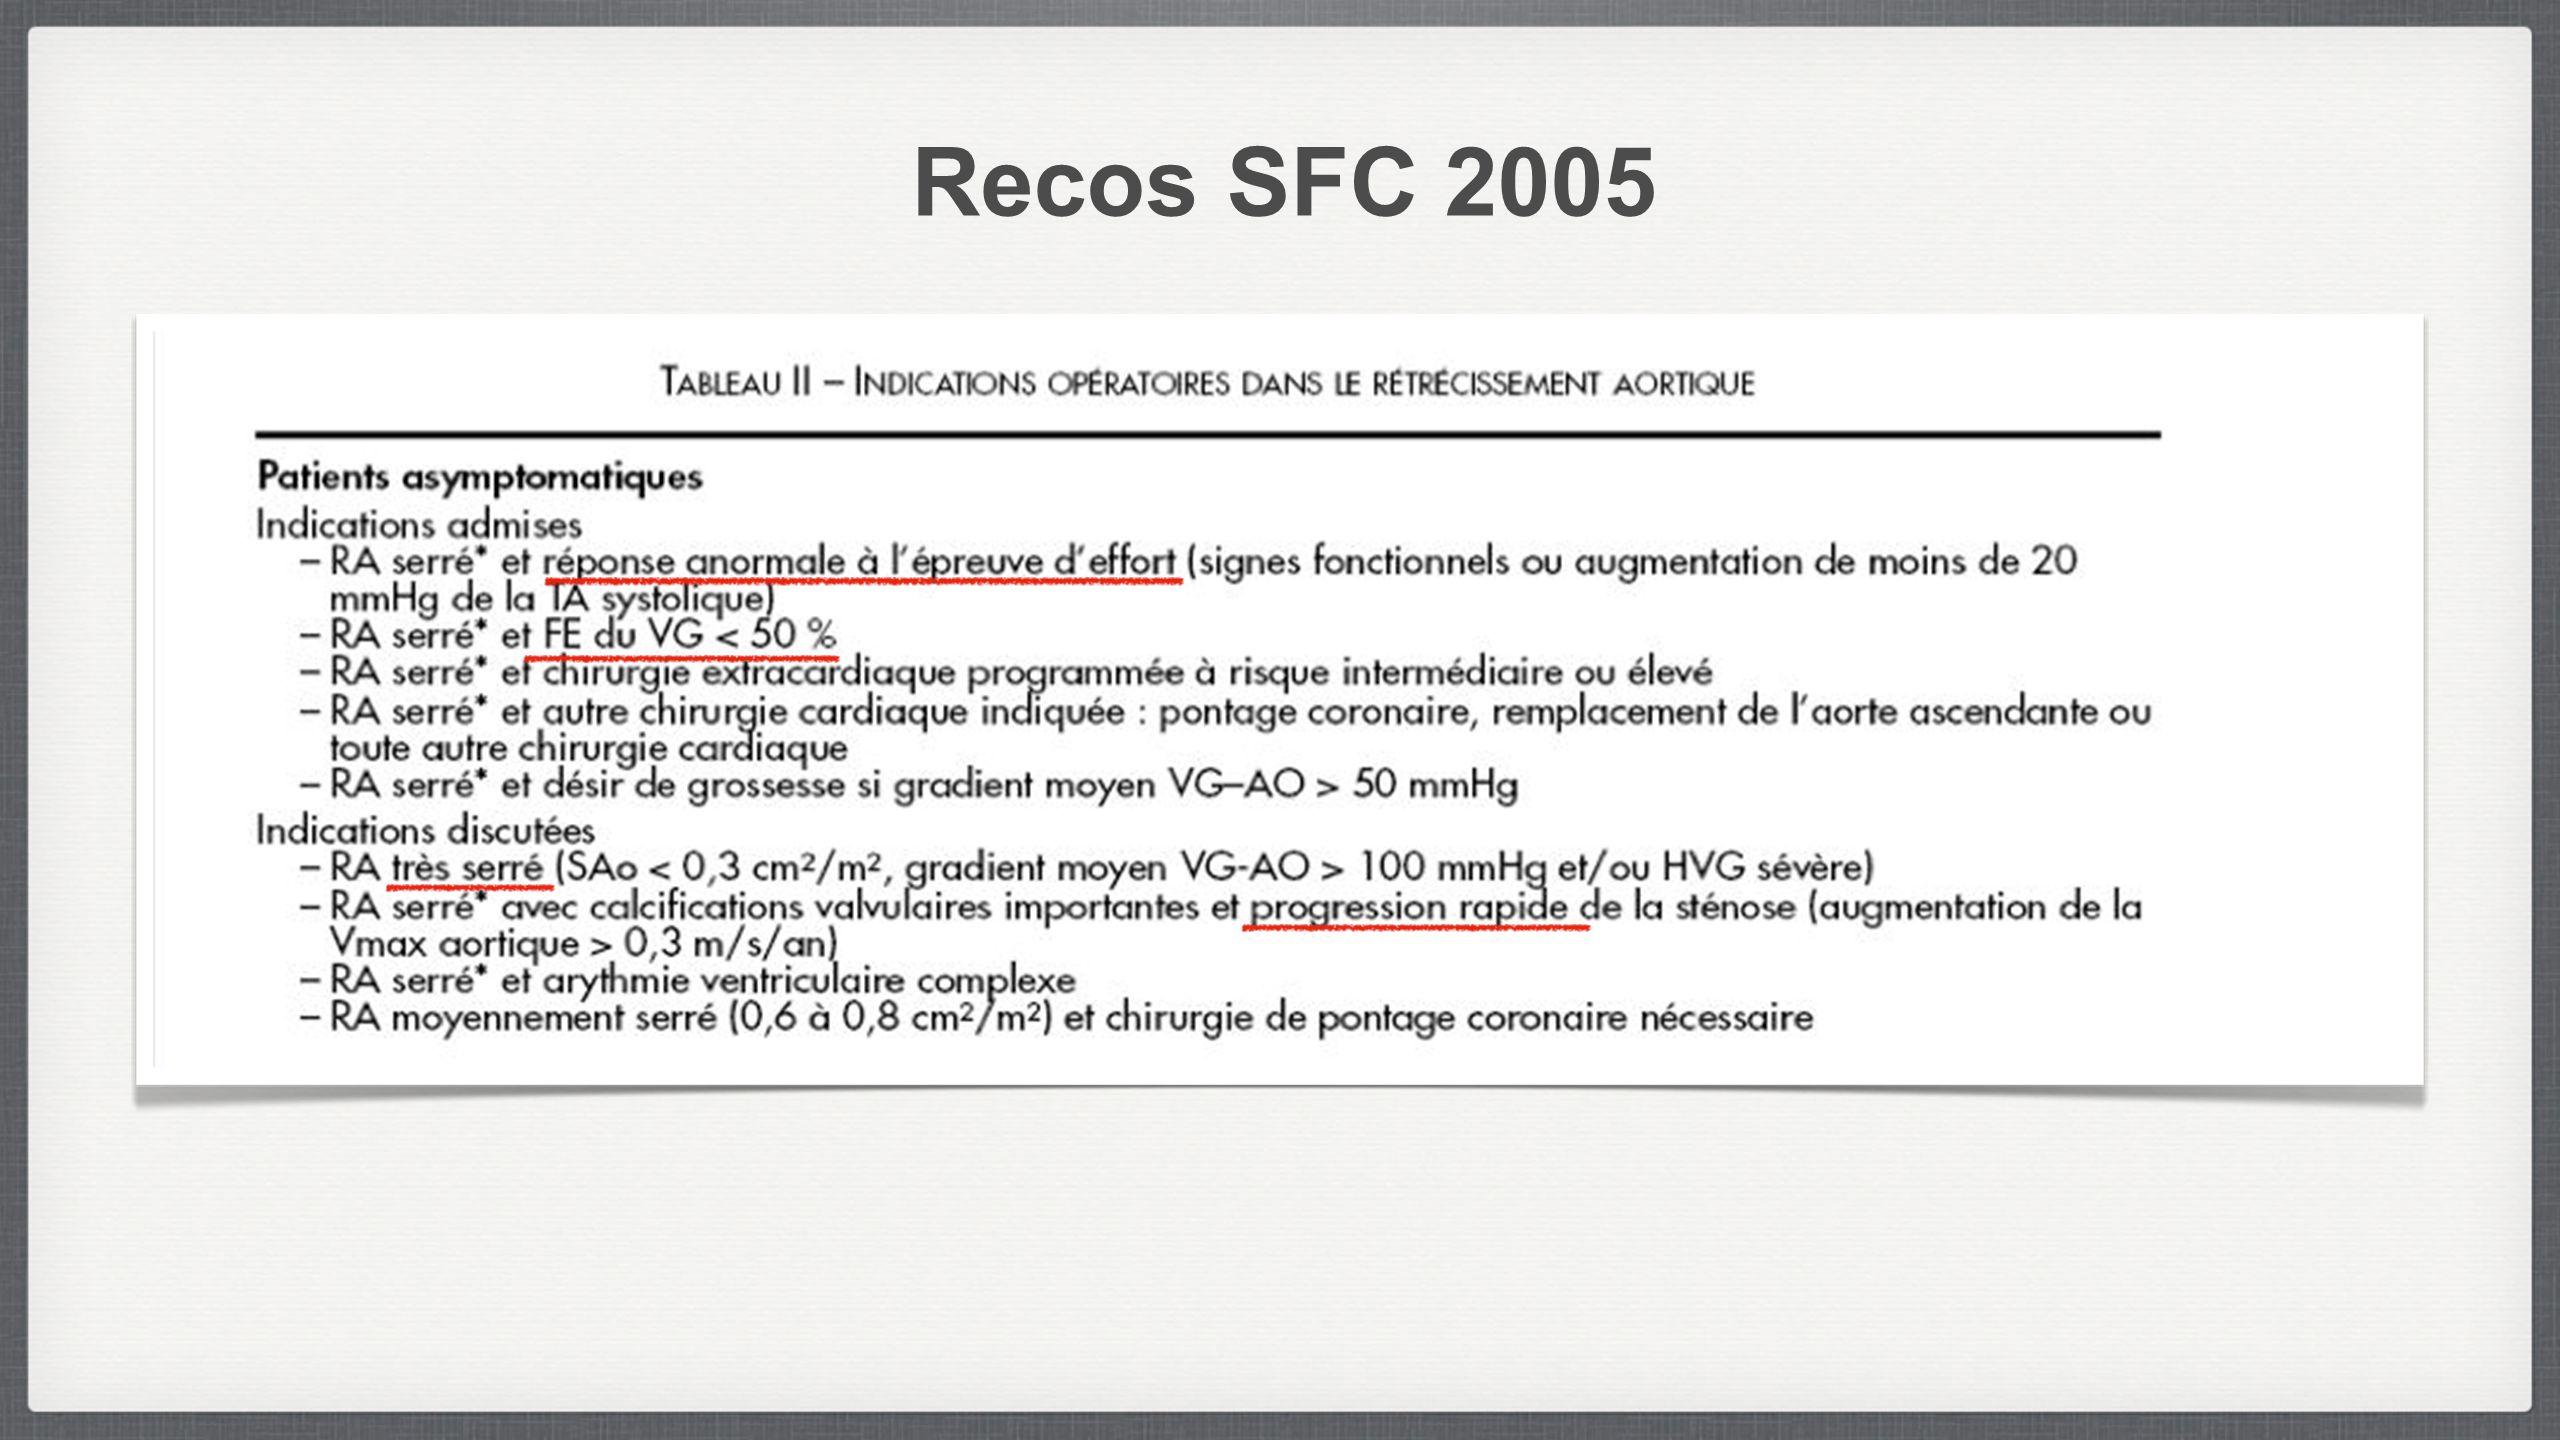 Recos SFC 2005